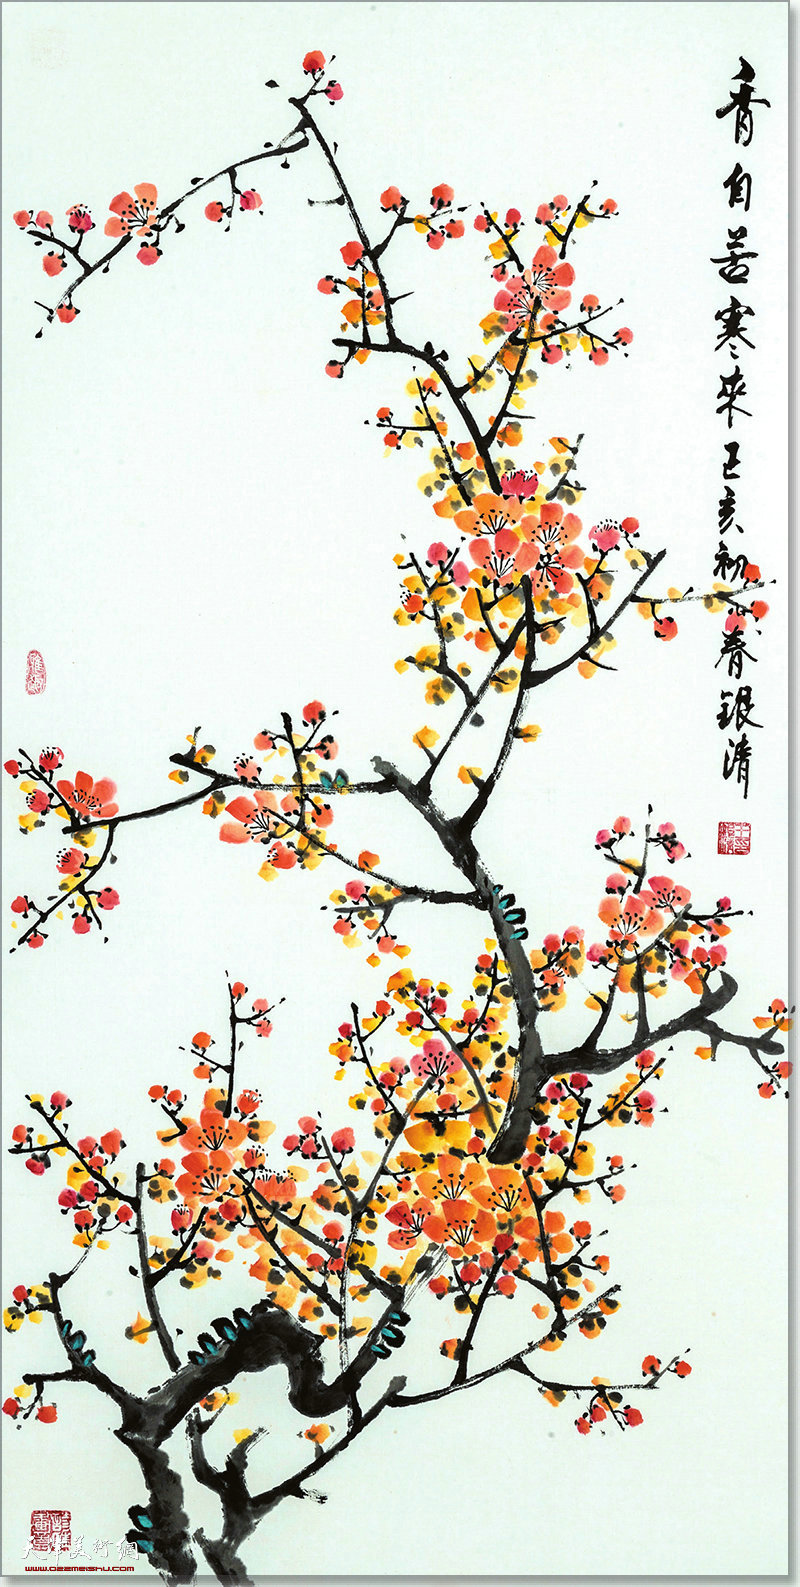 王银清作品:香自苦寒来